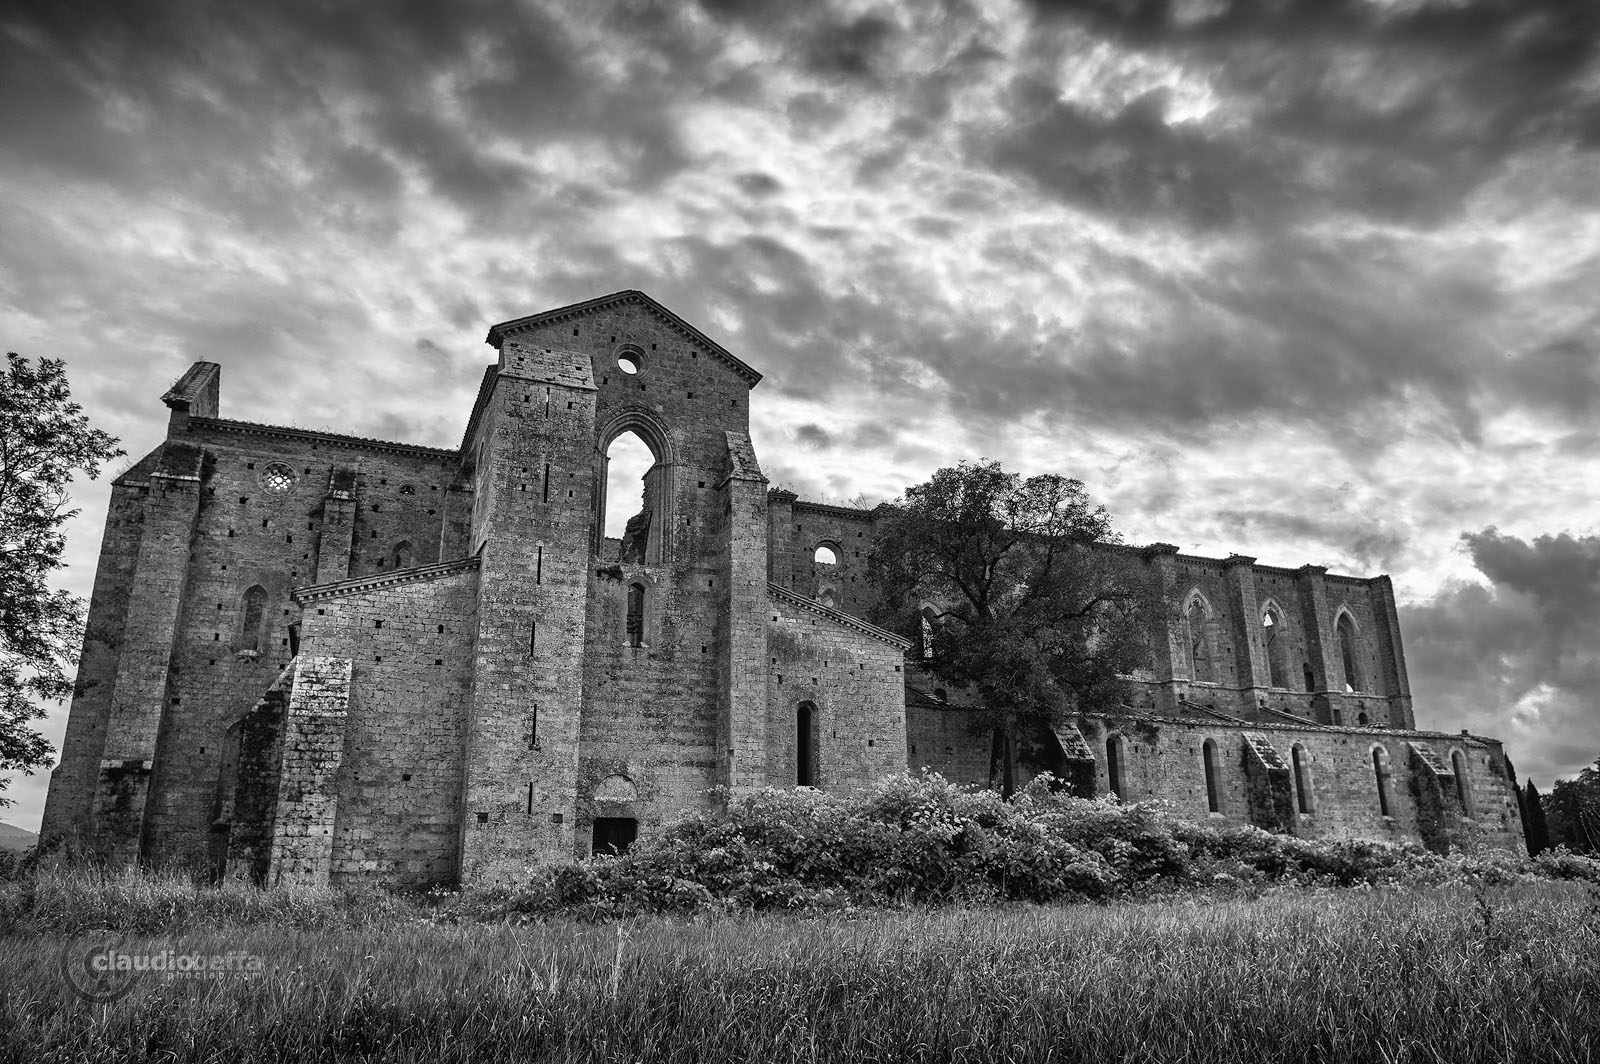 San Galgano, Abbey, Ruin, Tuscany, Italy, Nature, History, Architecture, Landscape, abbey of san galgano